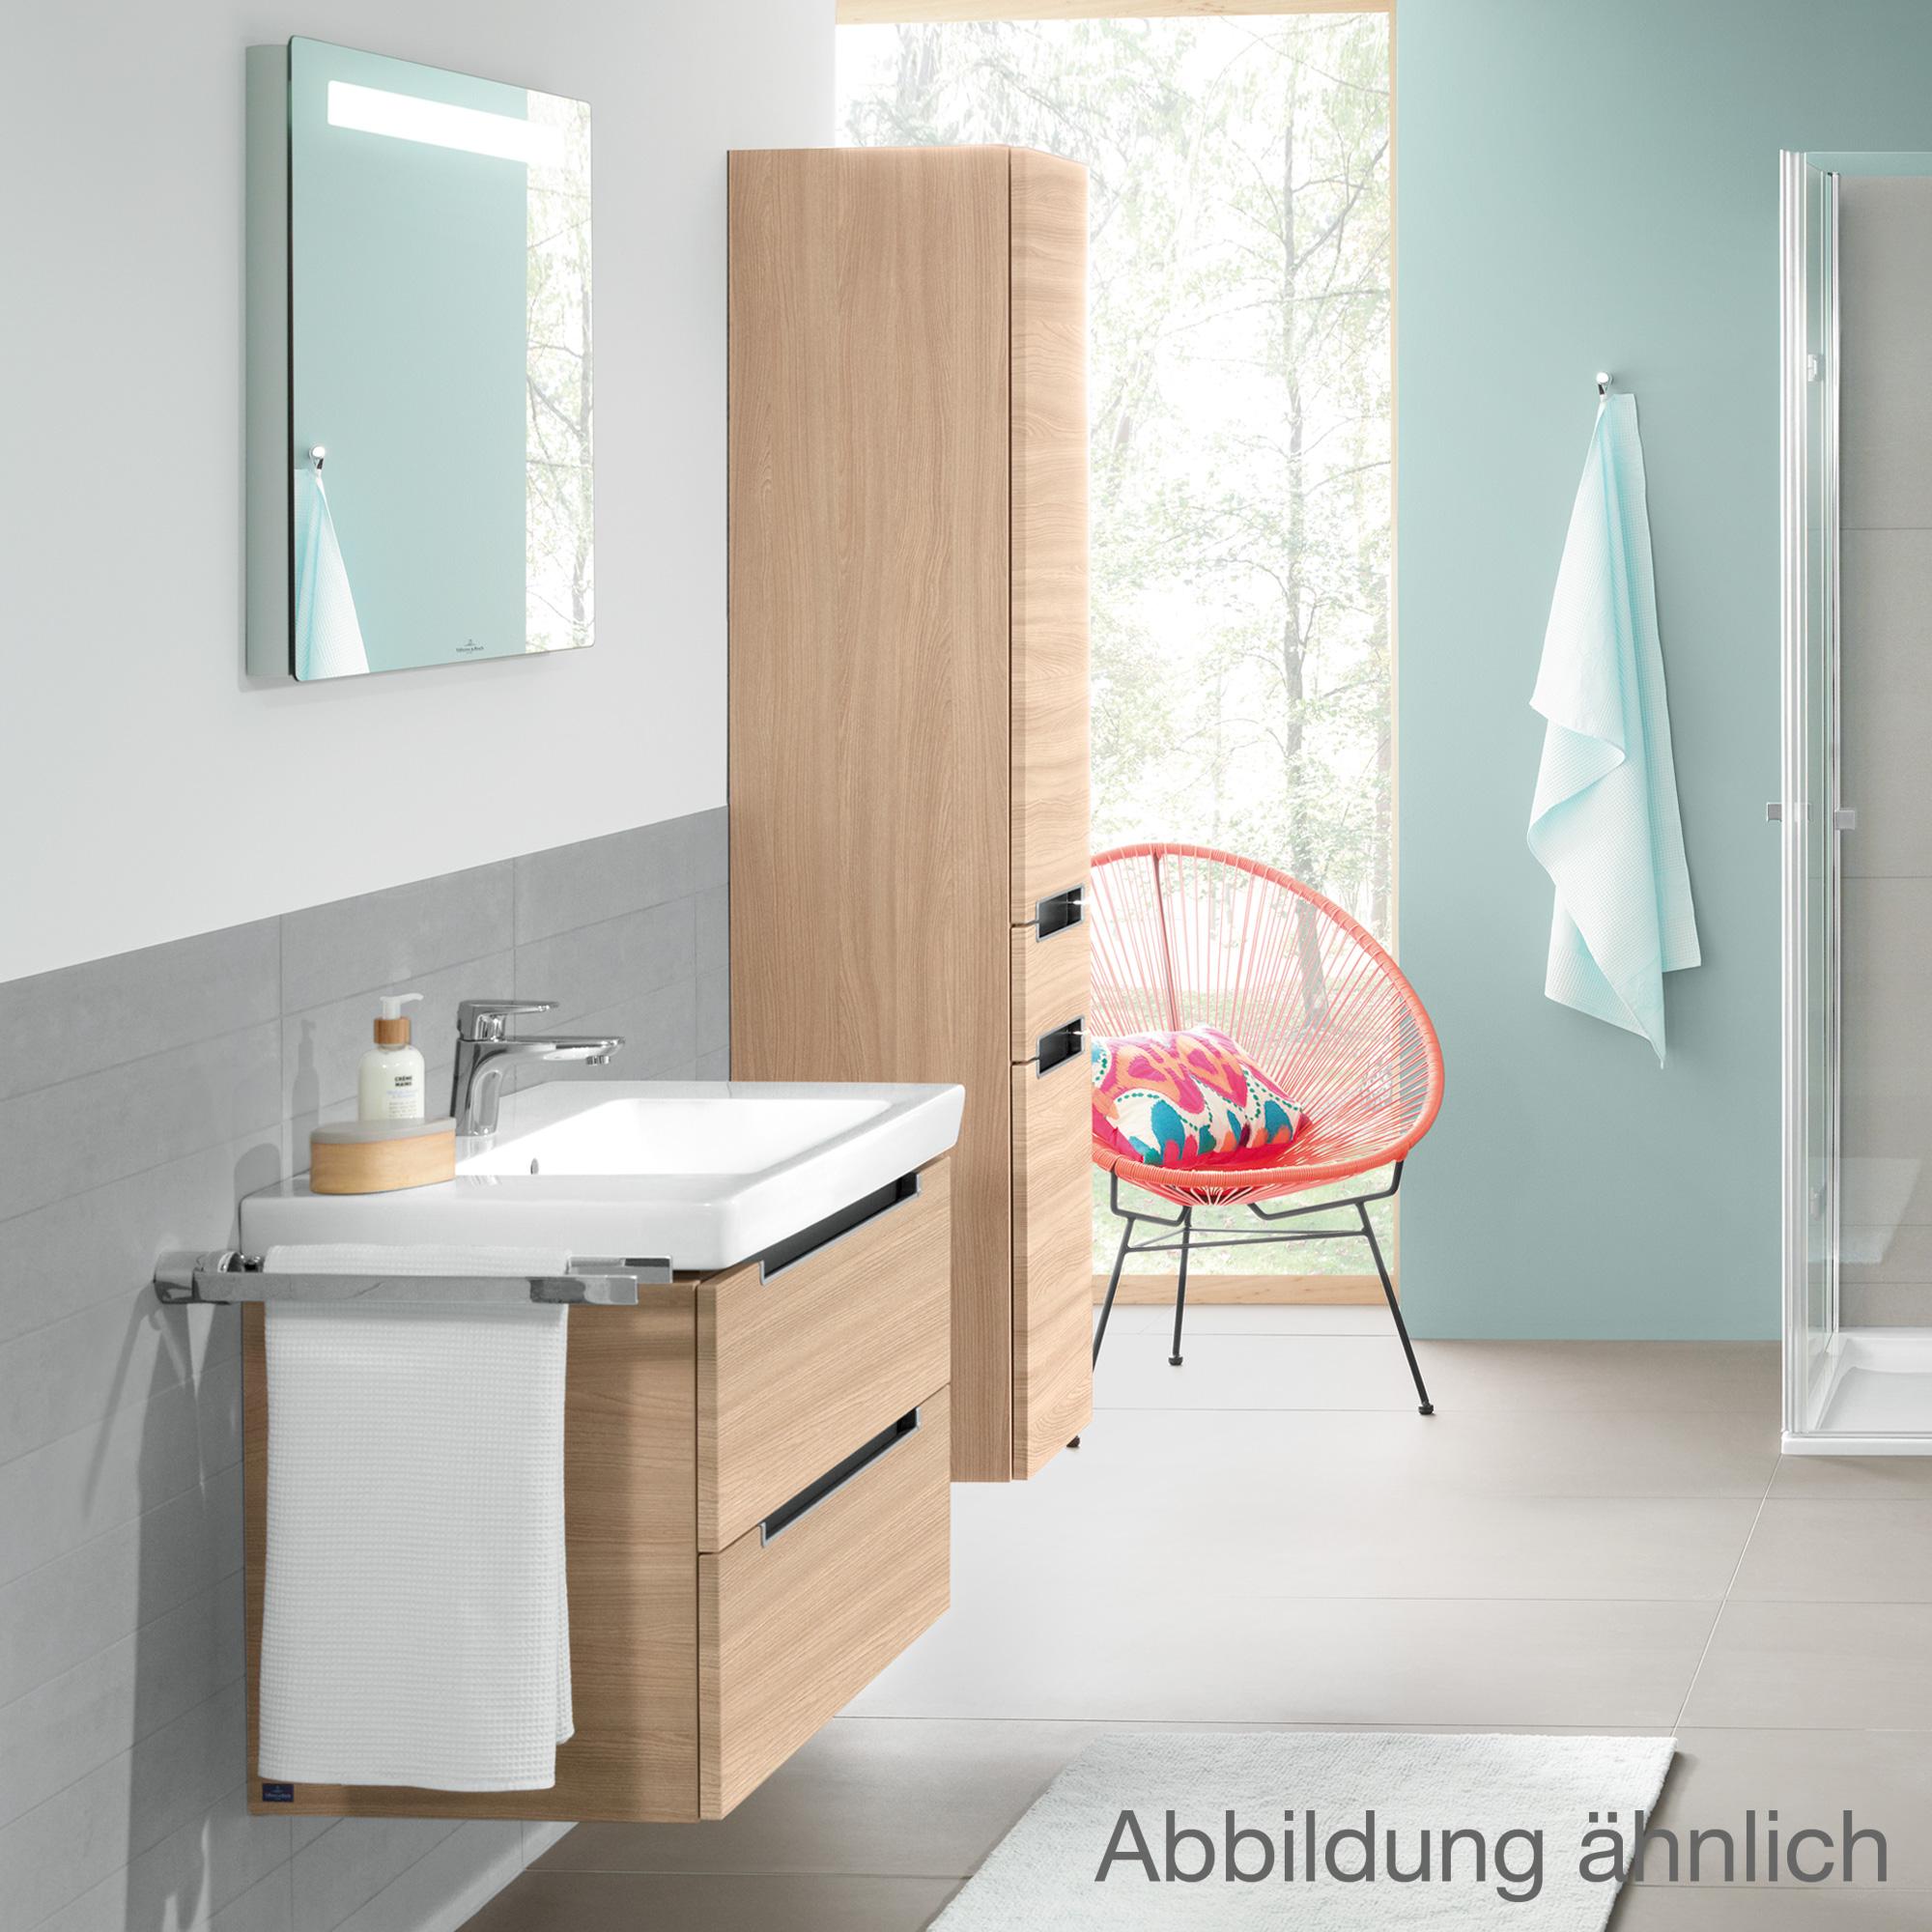 villeroy boch subway 2 0 waschtischunterschrank mit 2 ausz gen glossy white a69700dh. Black Bedroom Furniture Sets. Home Design Ideas